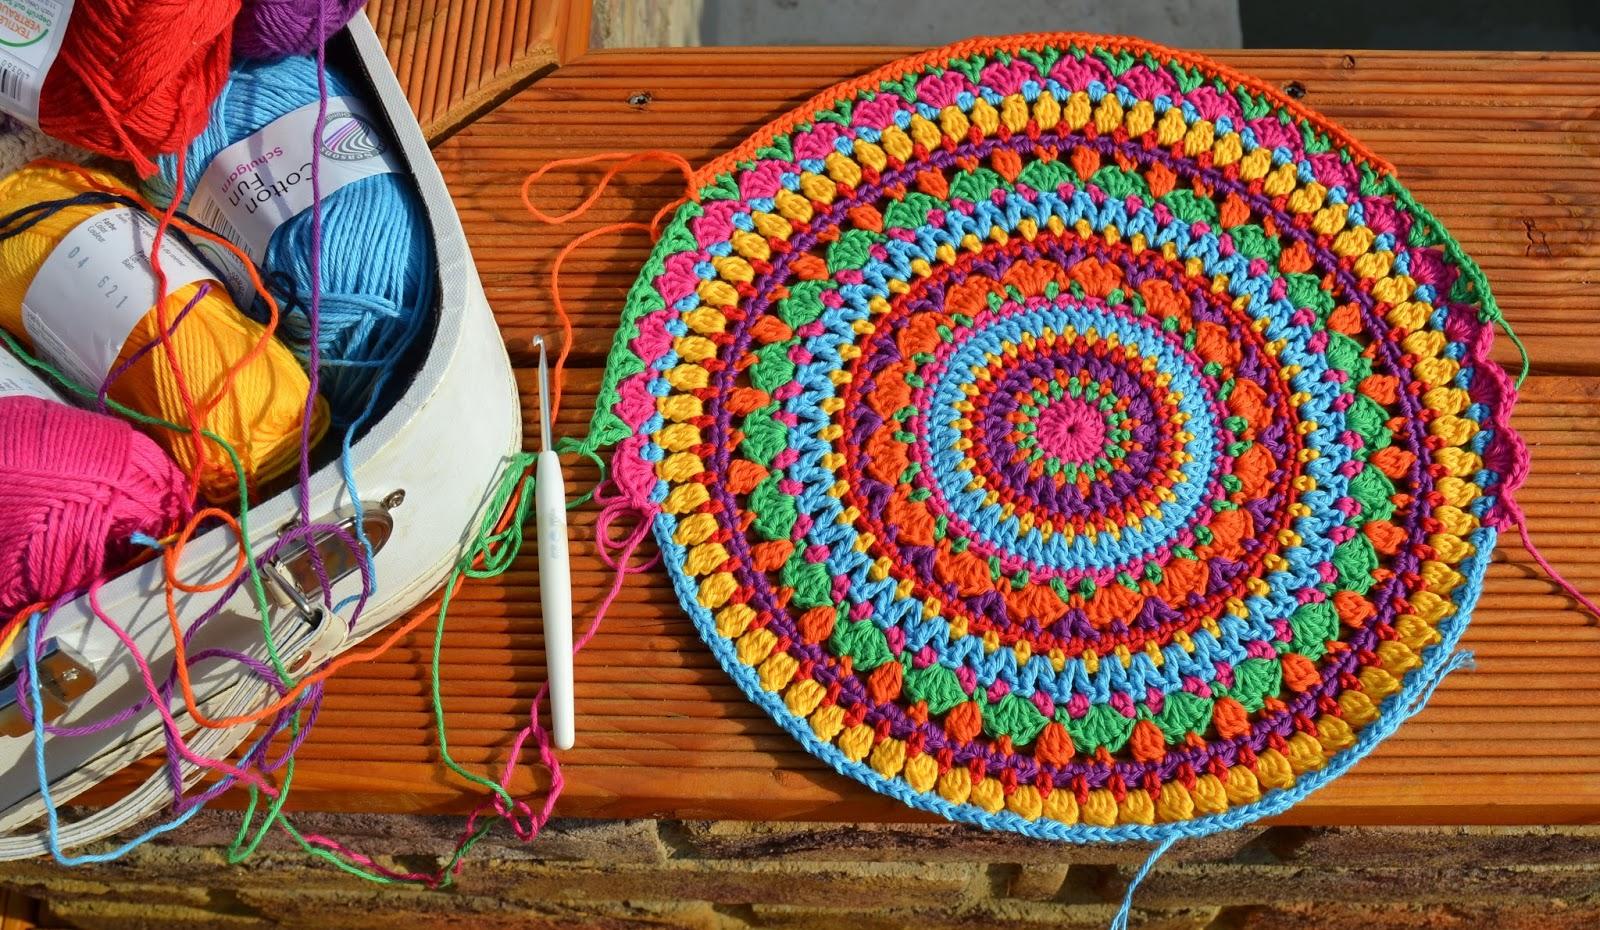 Atelier Marie Lucienne 15 Coaster And 1 Mip 15 Untersetzer Und 1